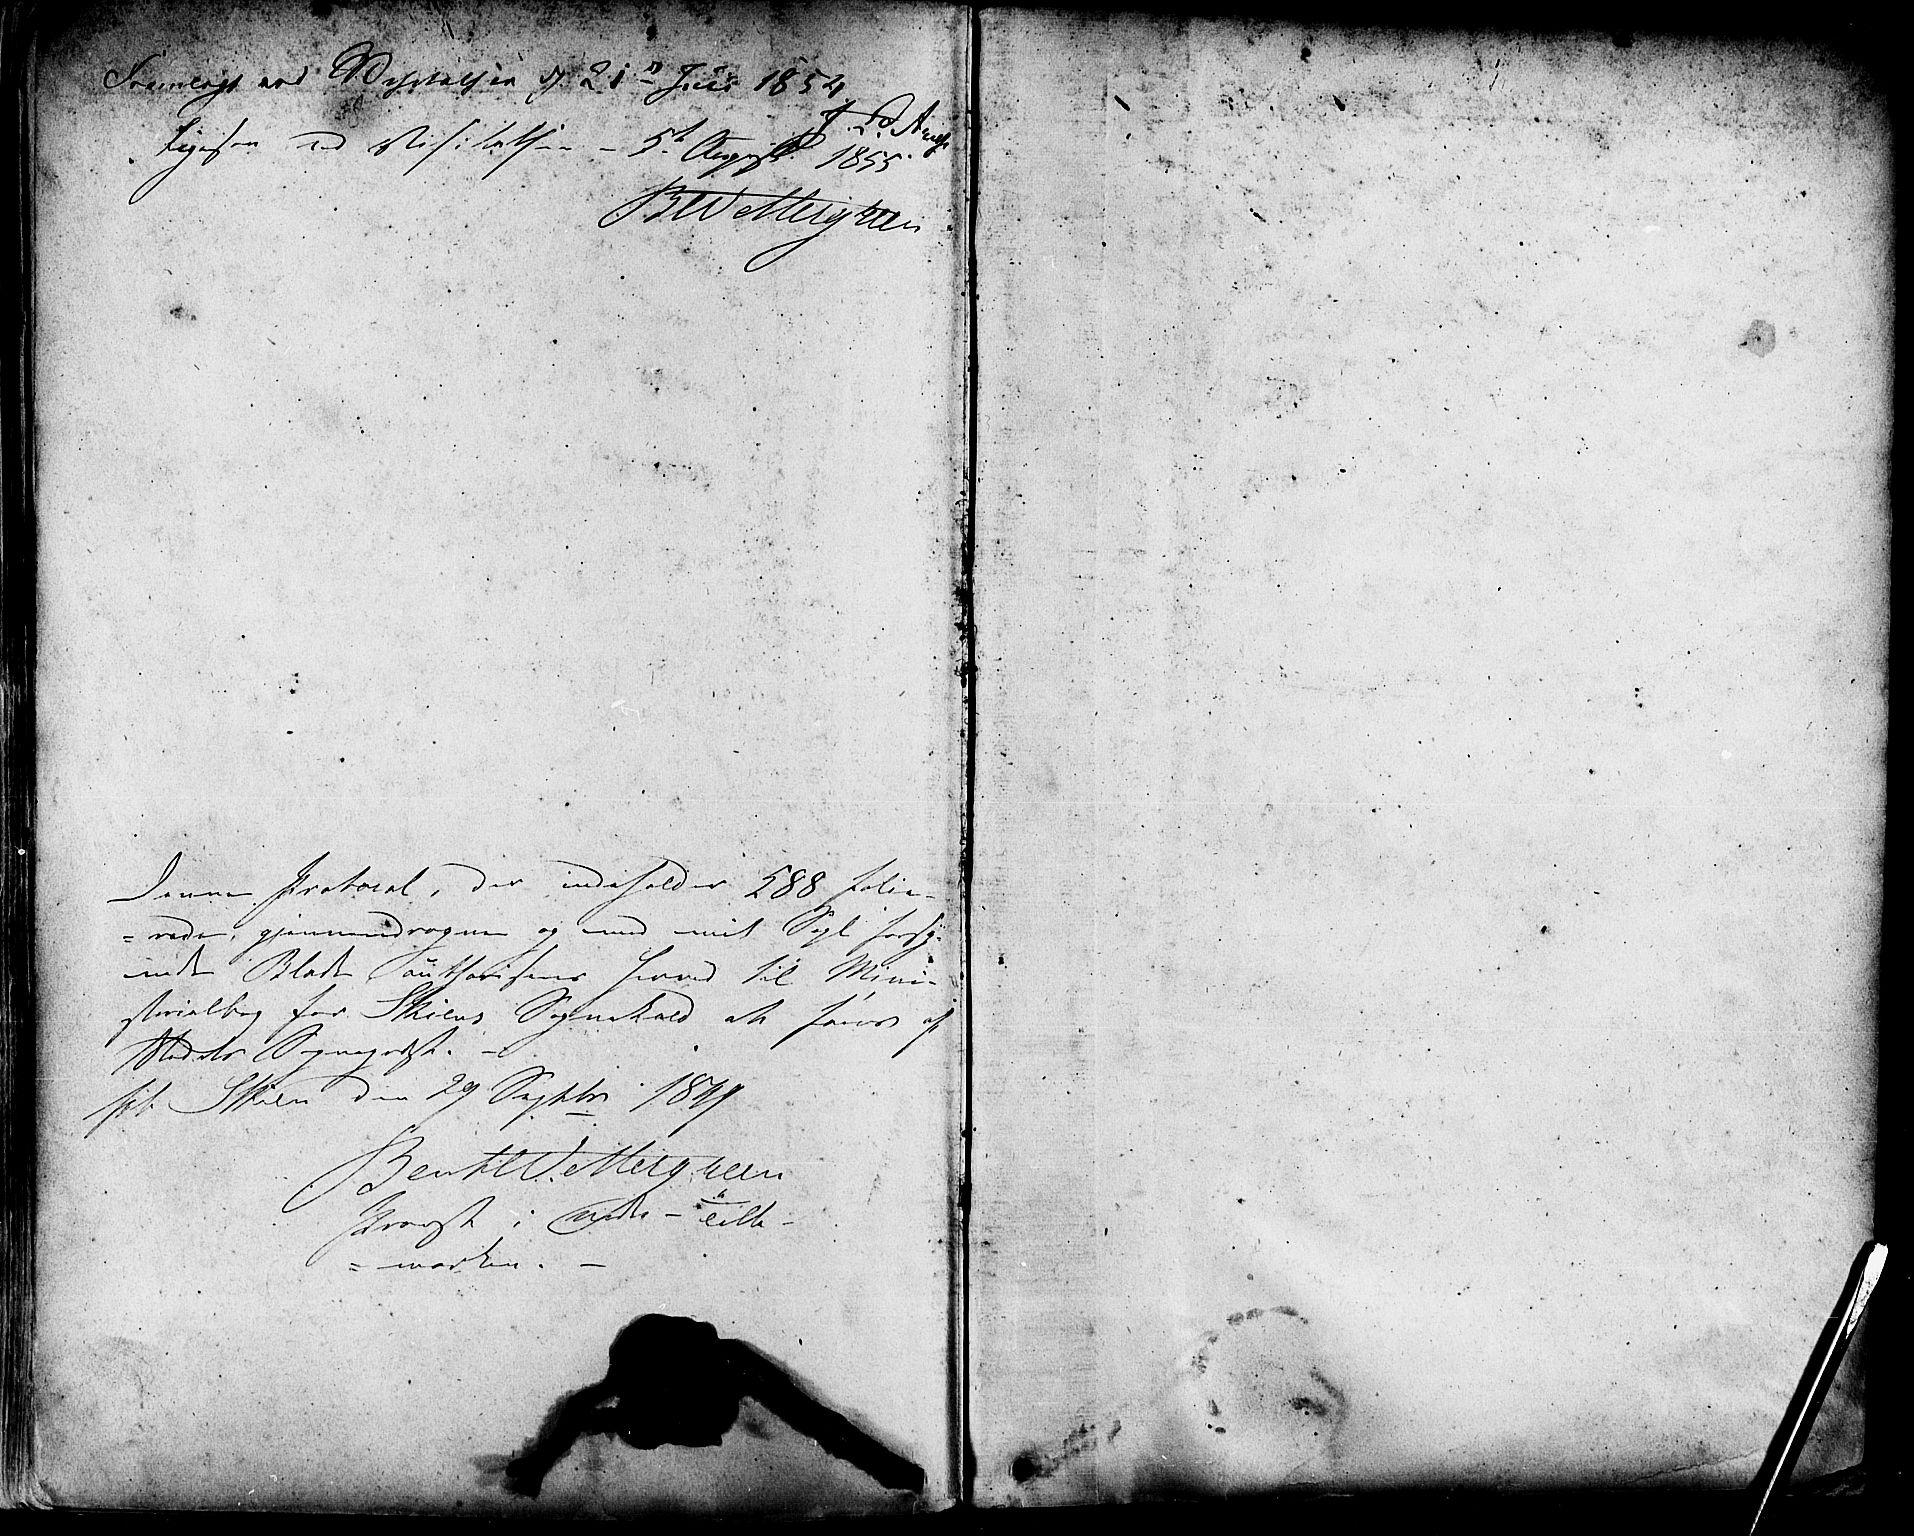 SAKO, Skien kirkebøker, F/Fa/L0006a: Ministerialbok nr. 6A, 1843-1856